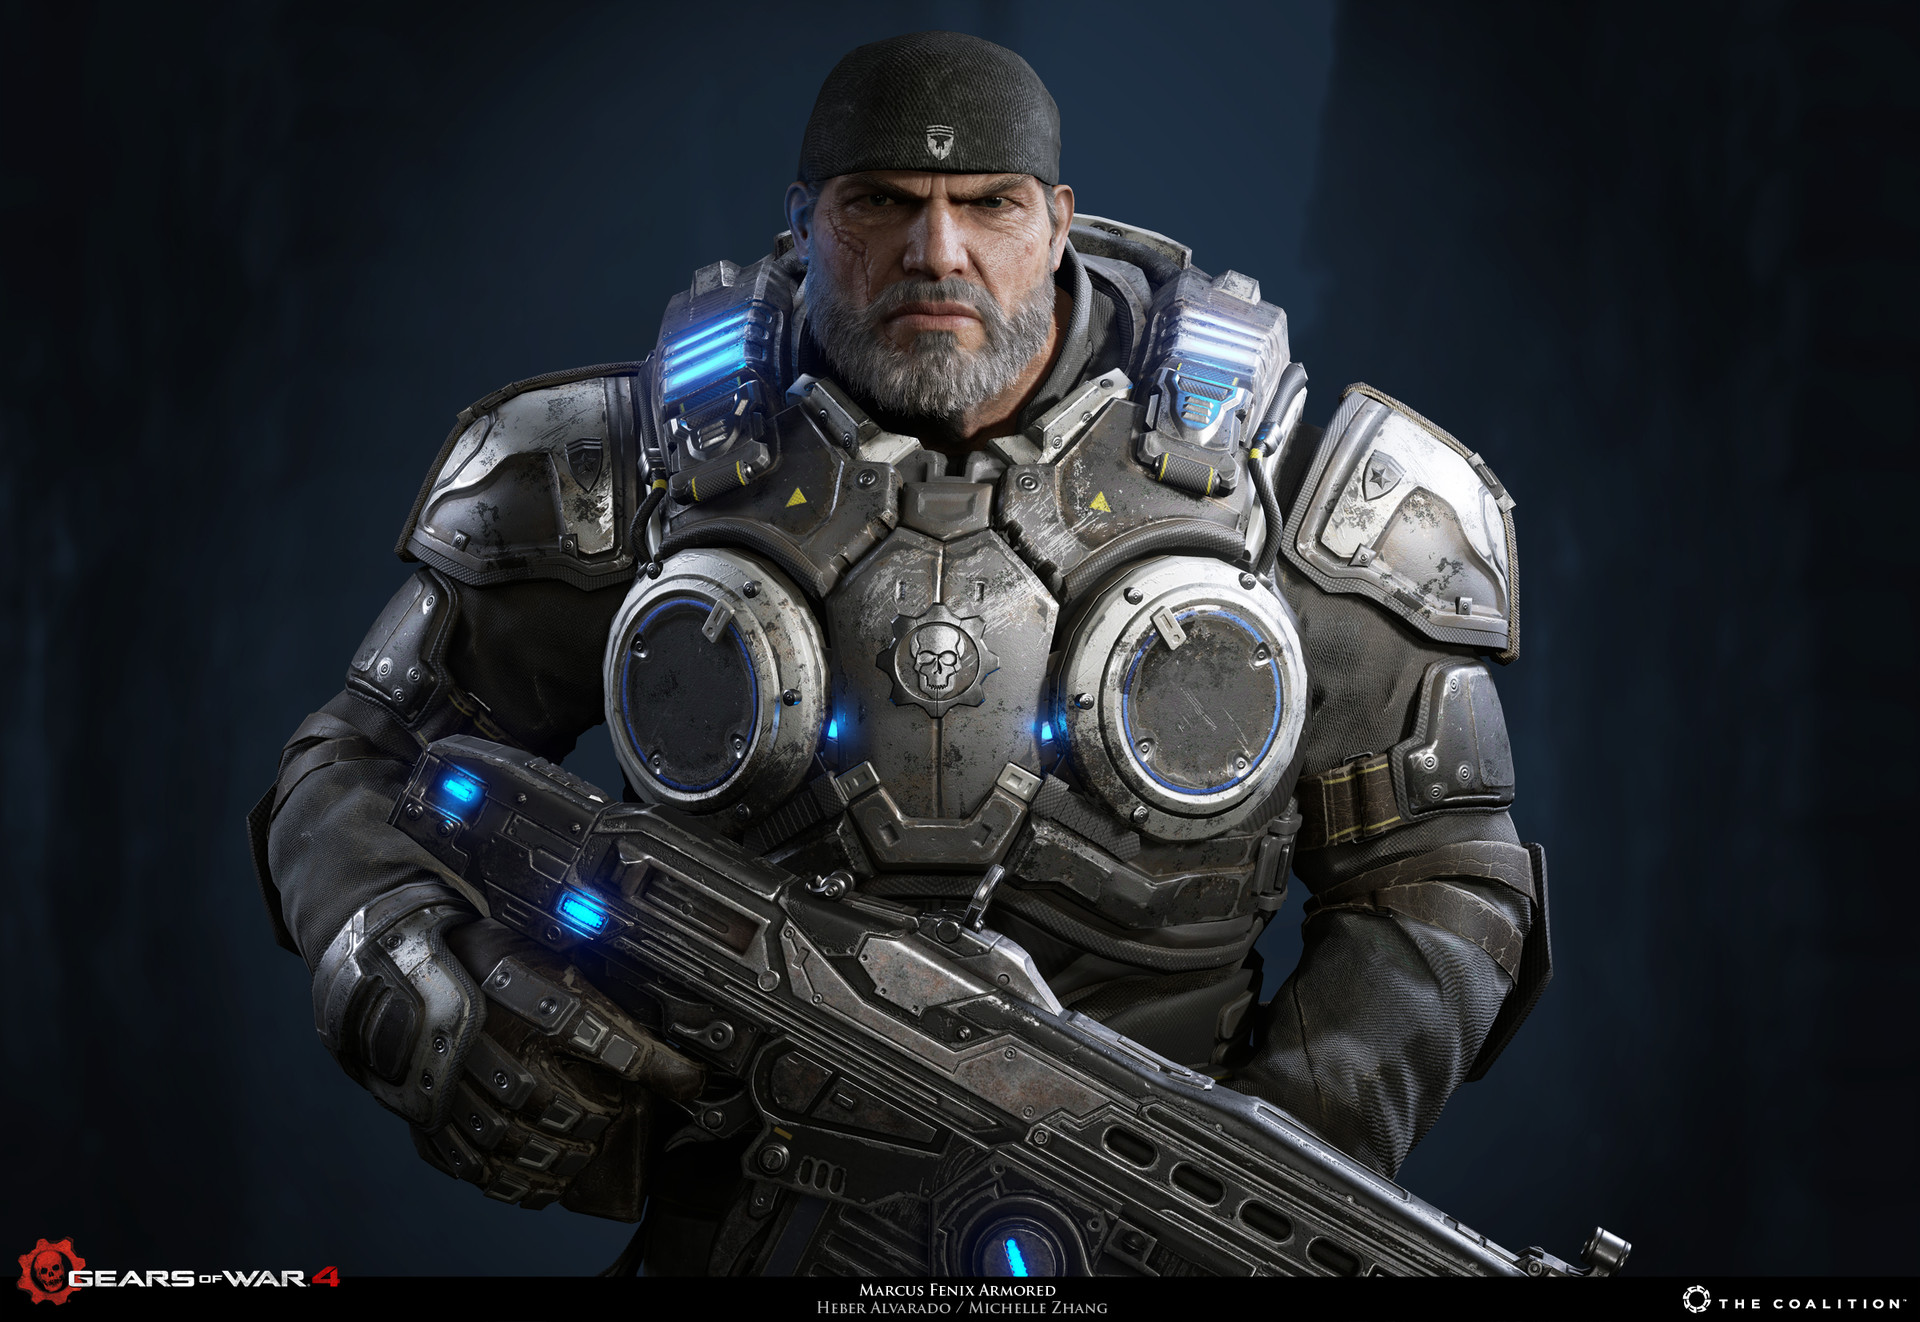 Heber Alvarado Marcus Fenix Gears Of War 4